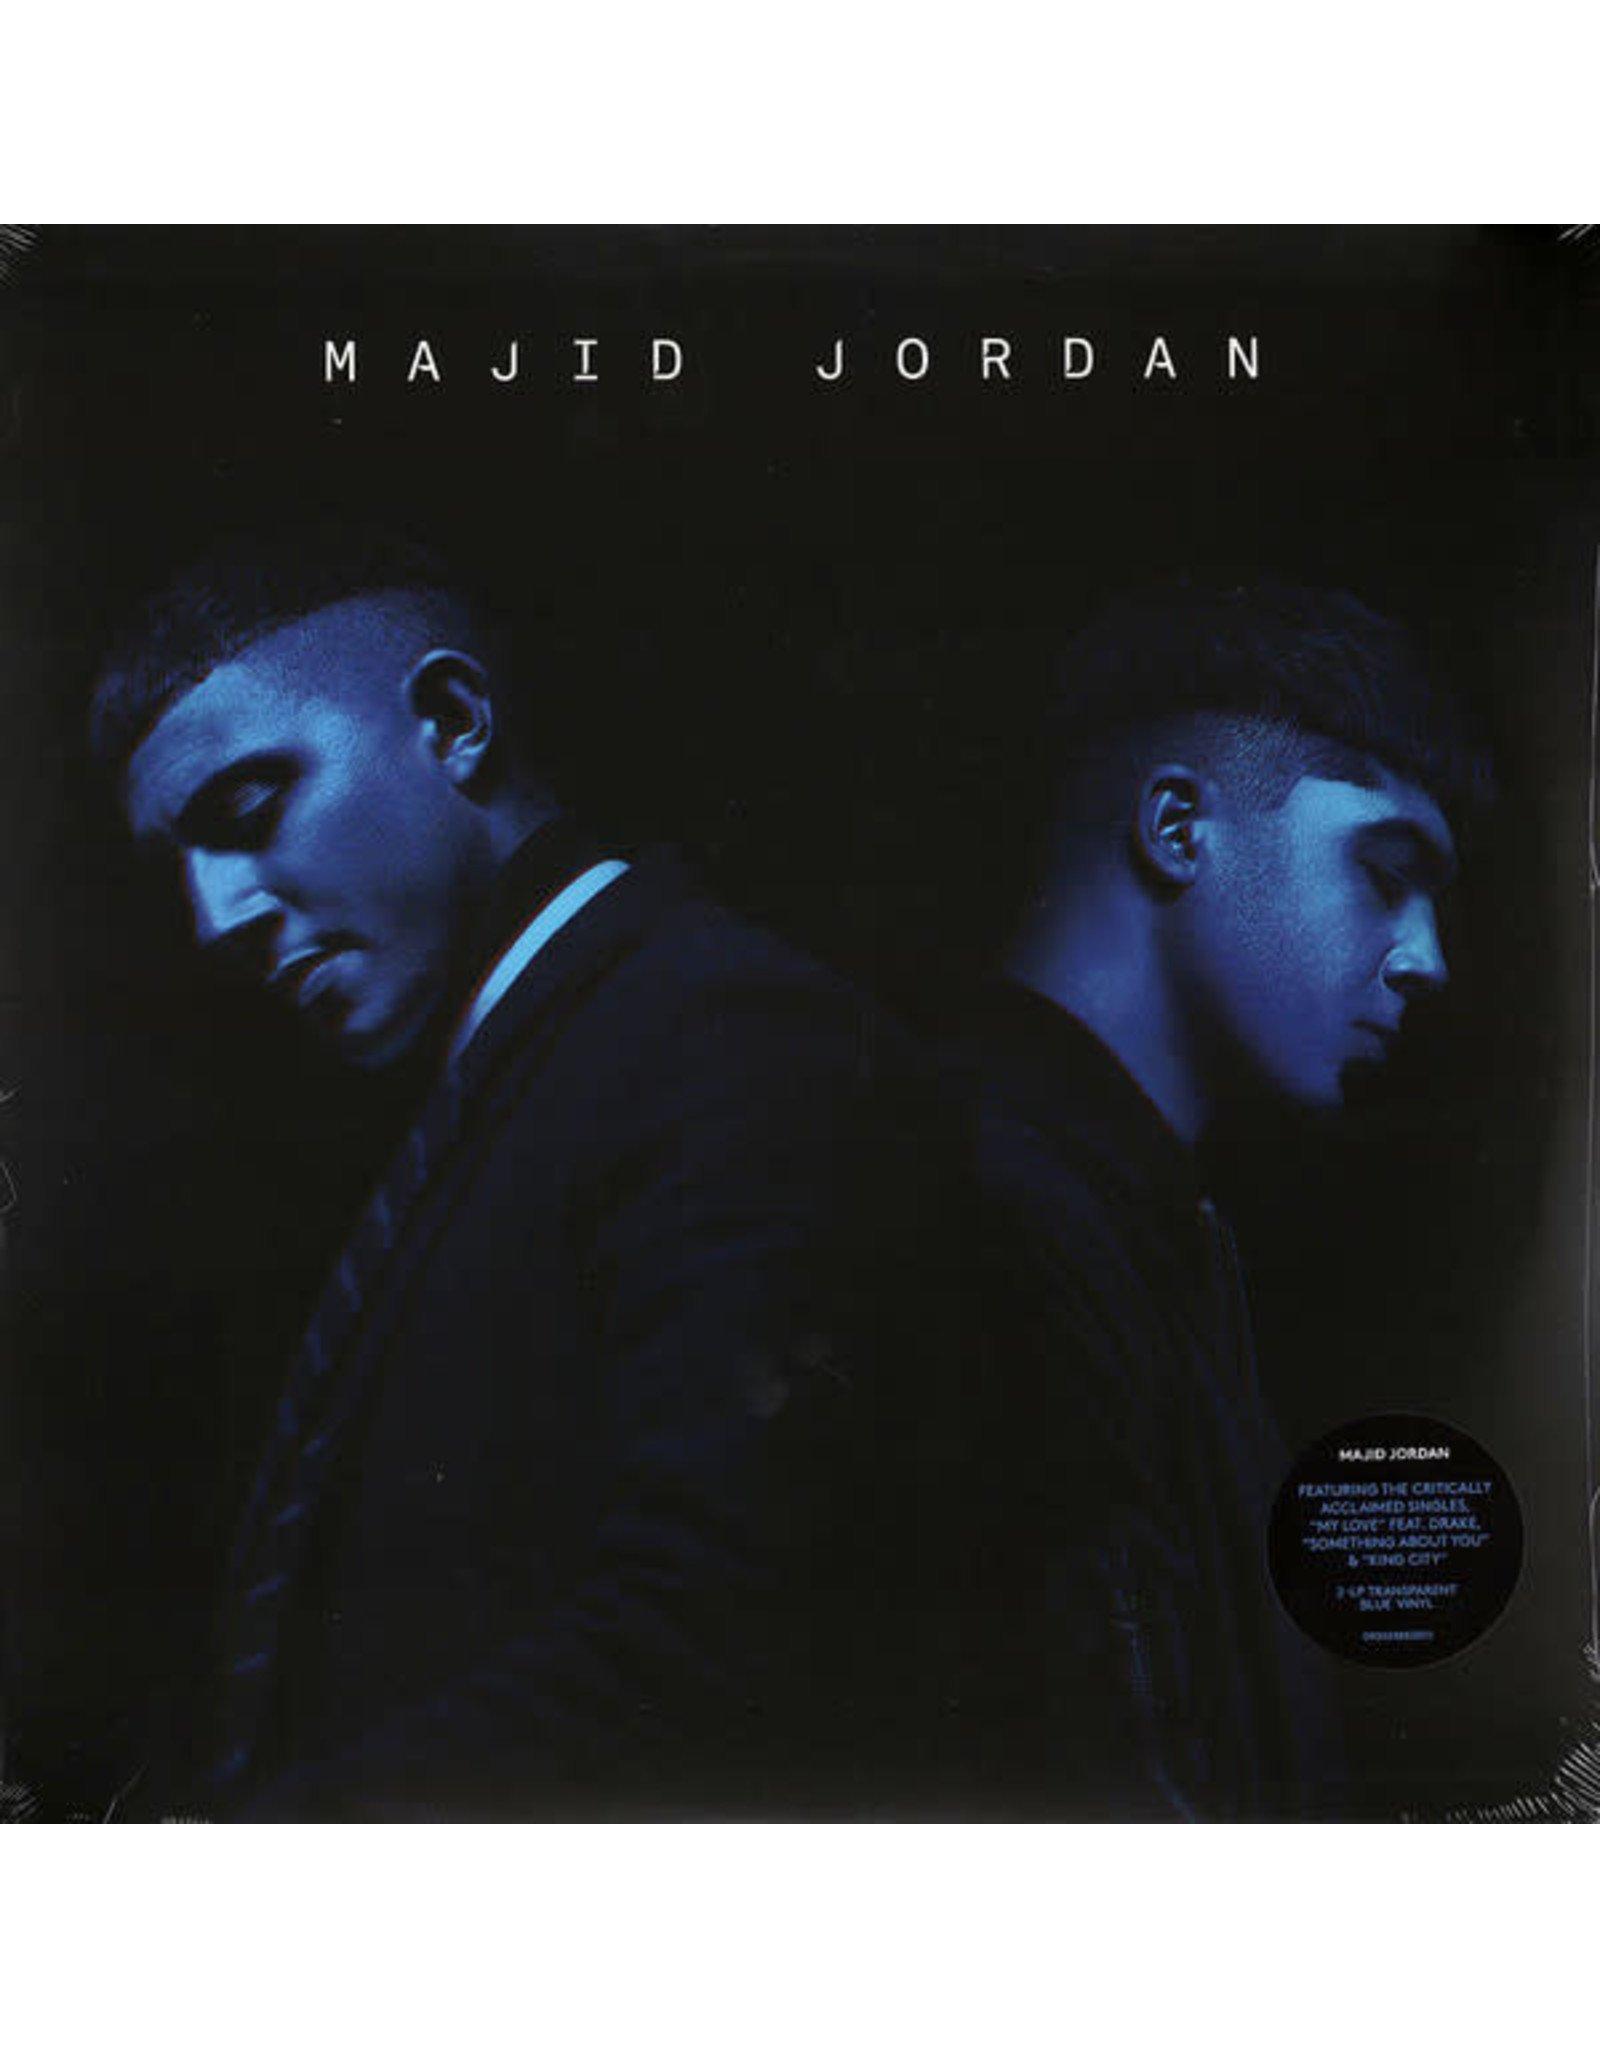 Jordan, Majid - Majid Jordan LP (RSD '21 Exclusive)